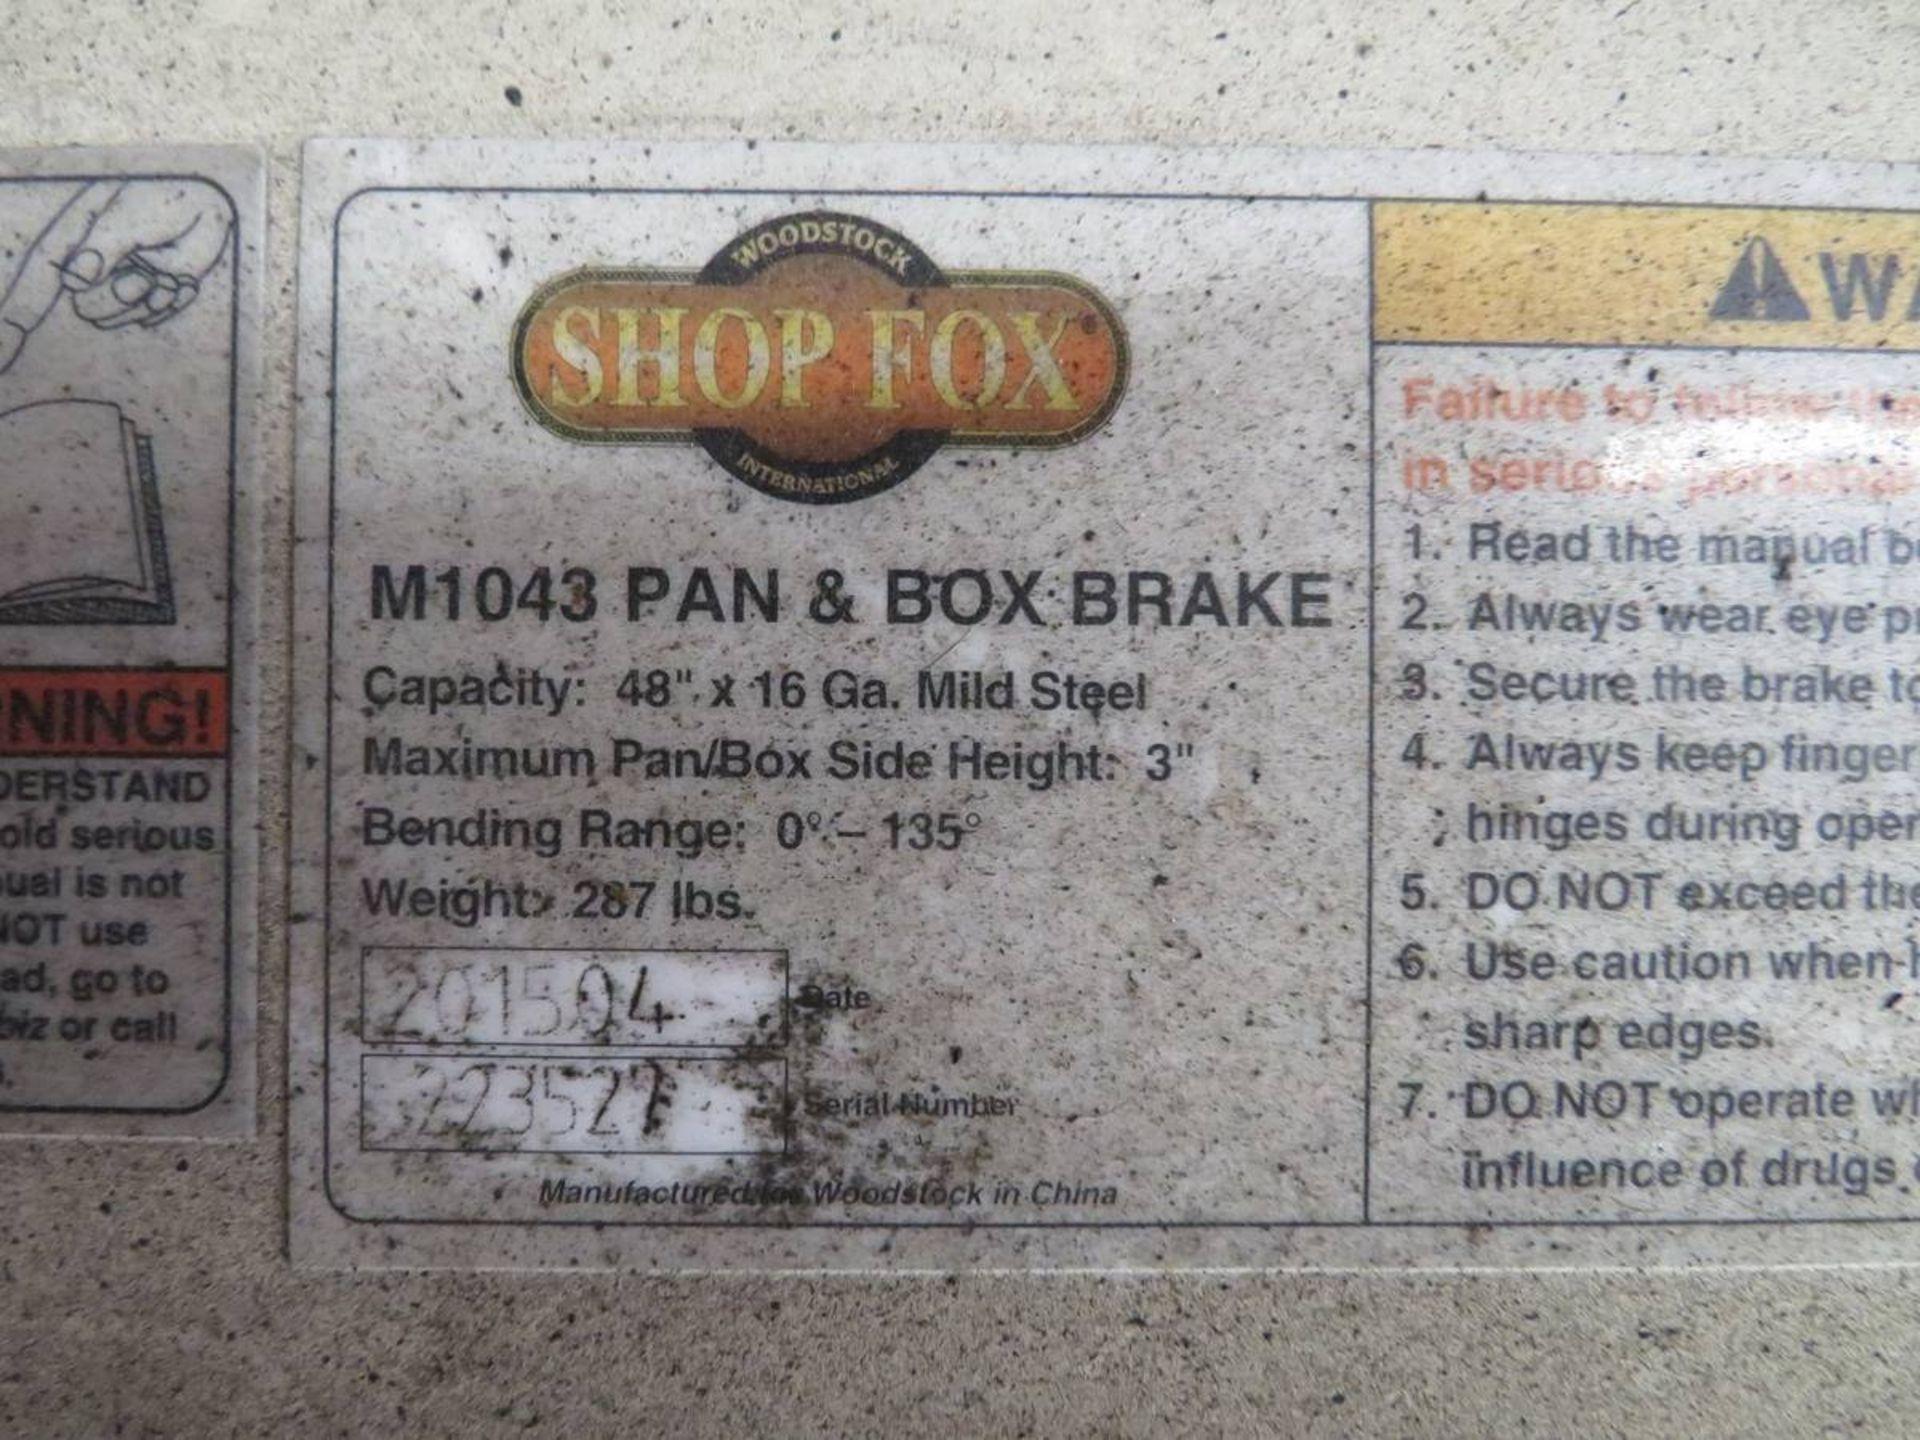 Lot 32 - Shop Fox M1043 Pan & Box Brake